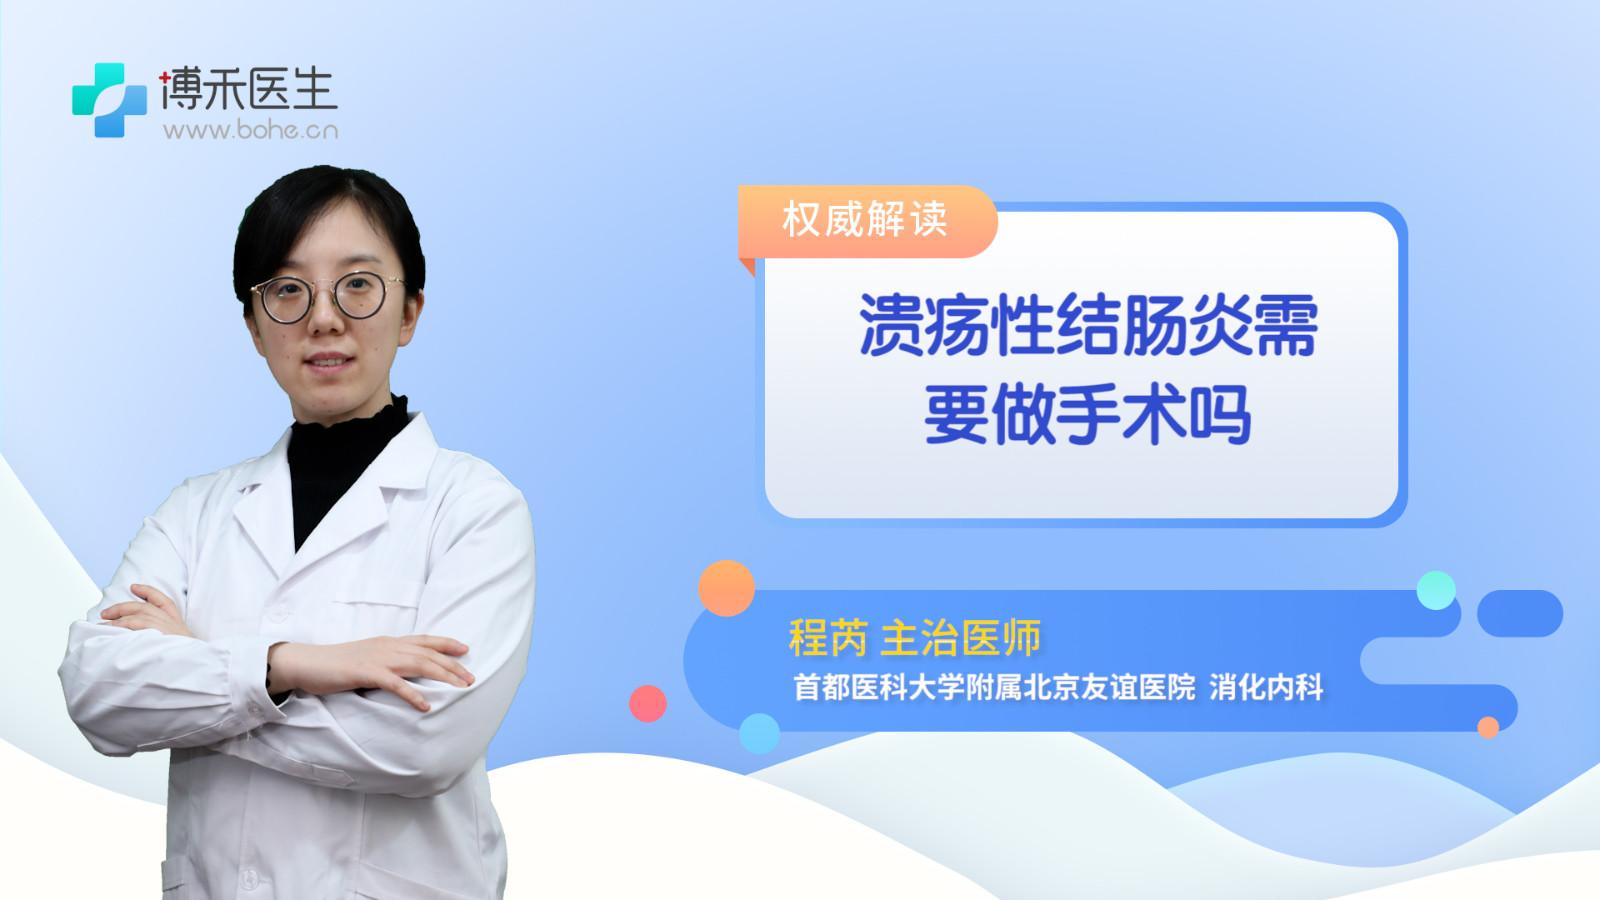 溃疡性结肠炎需要做手术吗